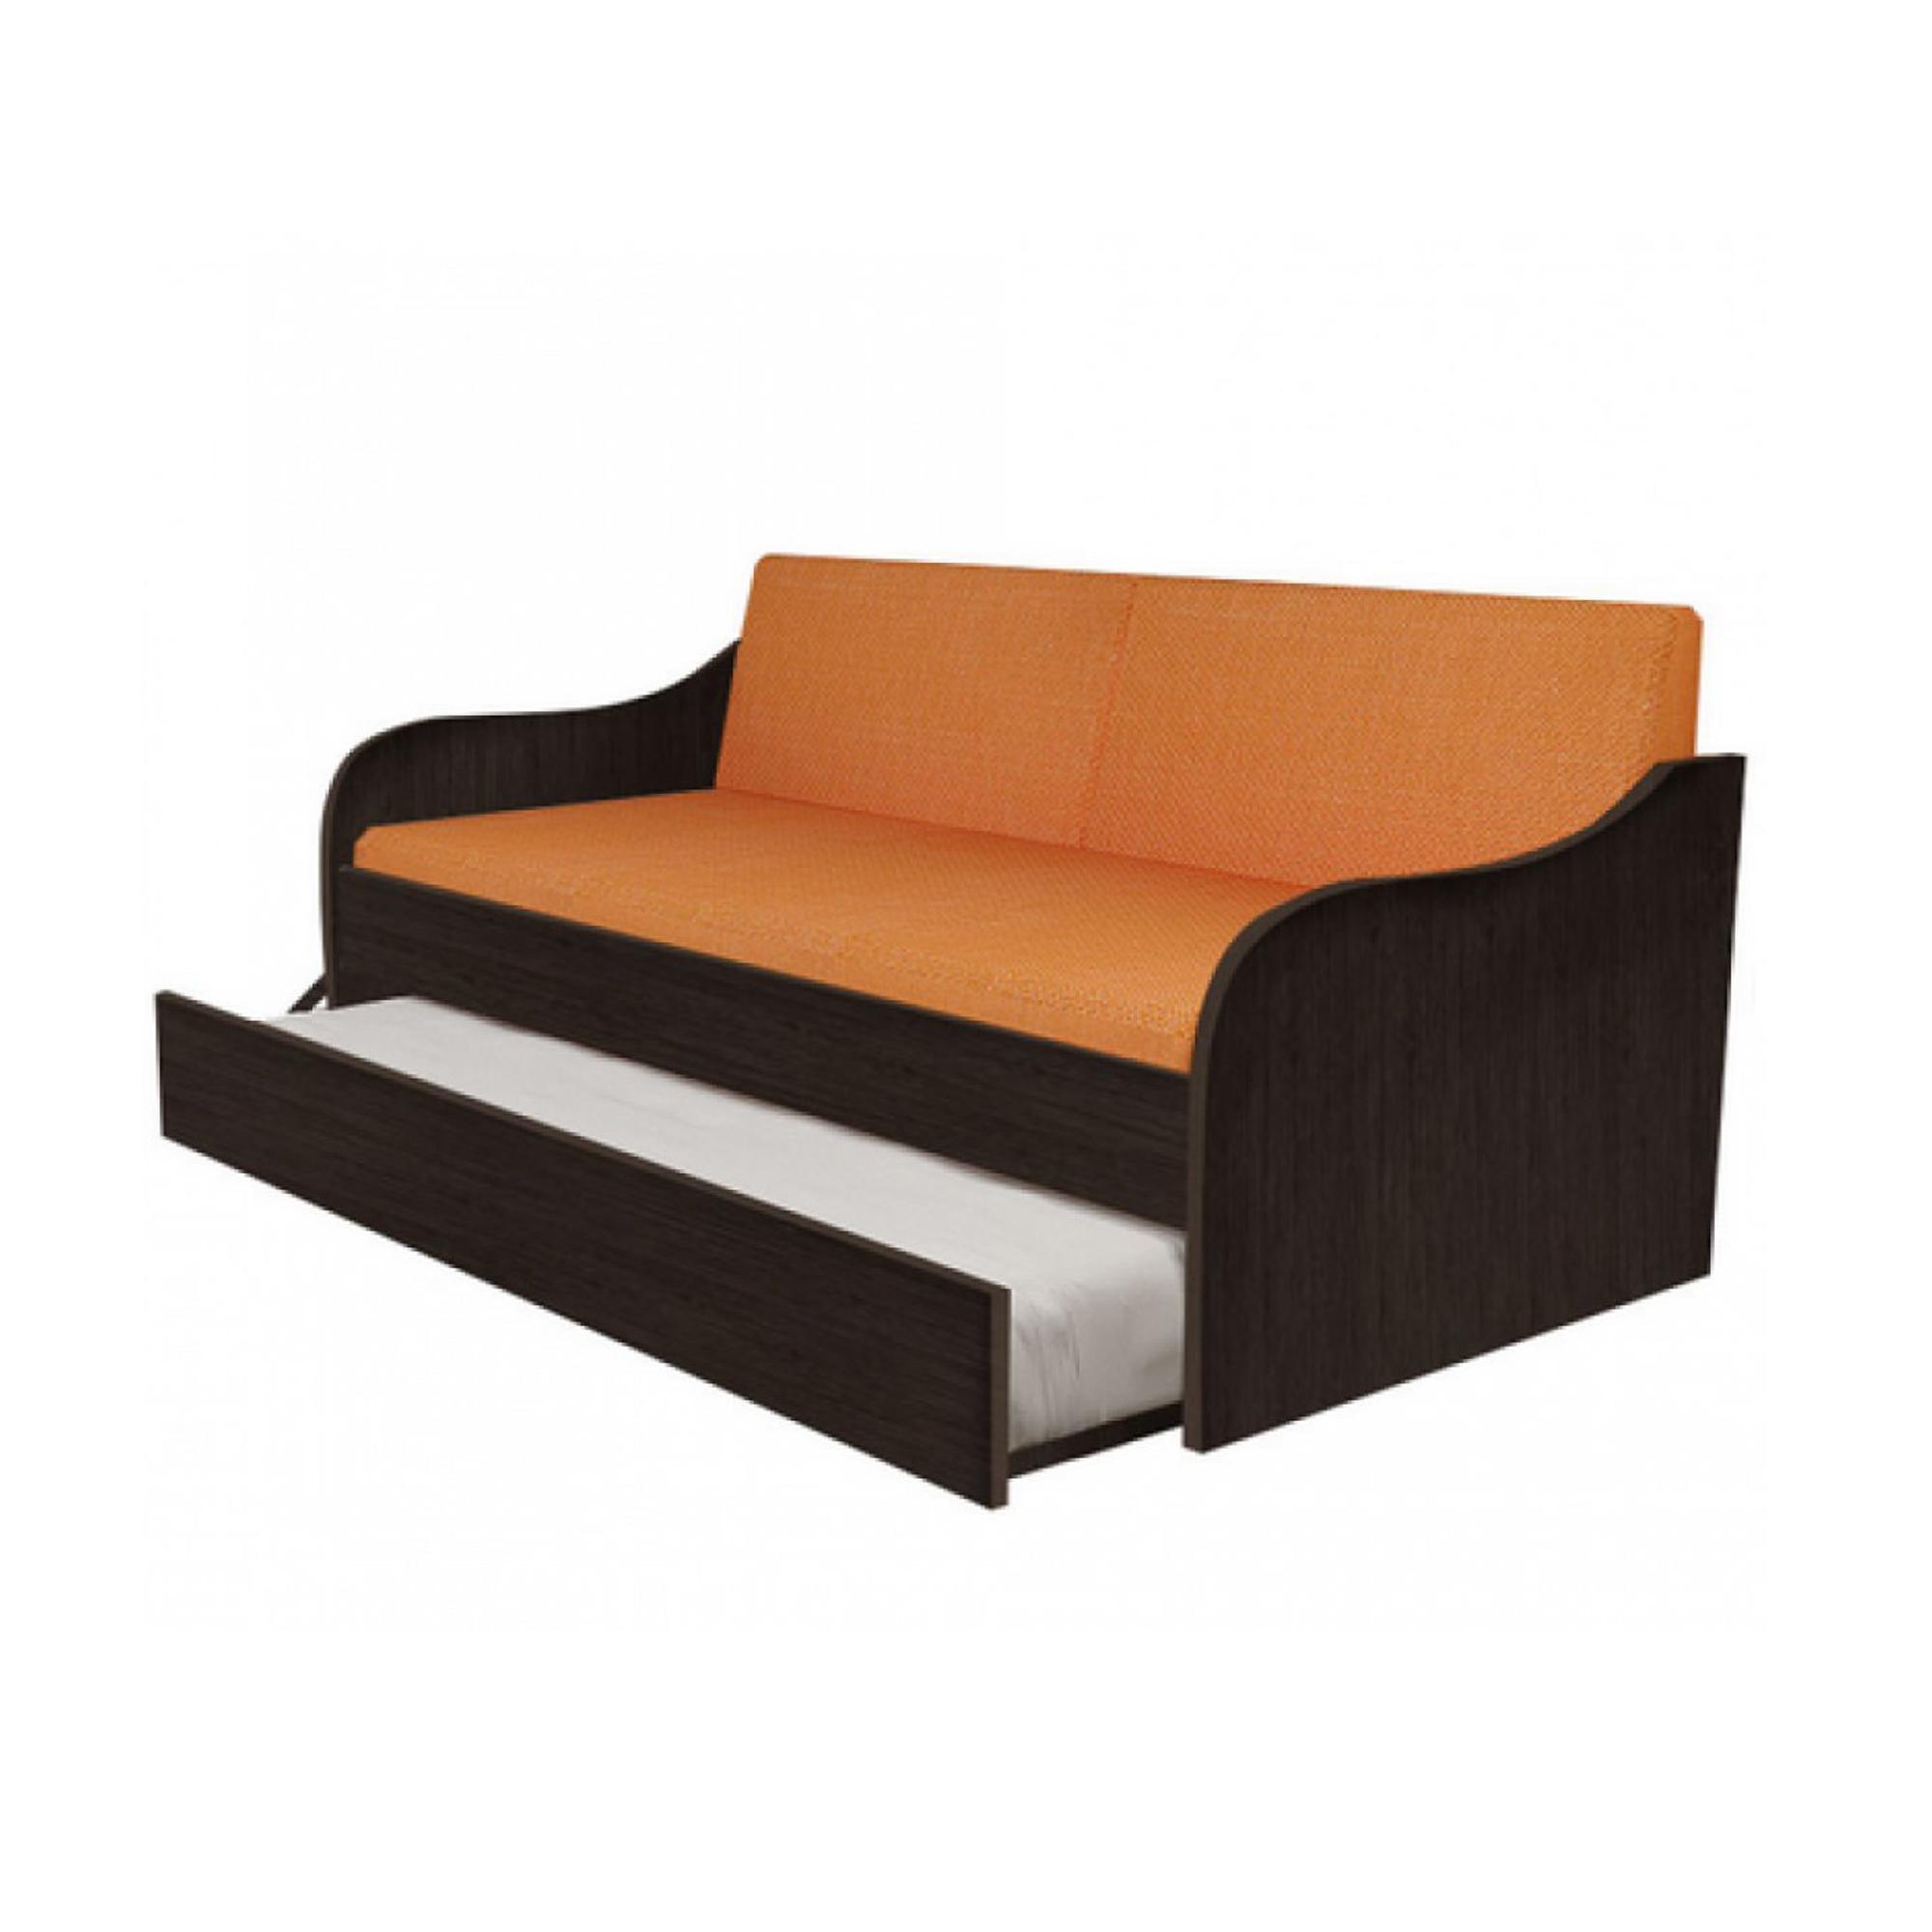 """Κρεβάτι-καναπές """"SILKY"""" με συρόμενο κρεβάτι σε χρώμα βέγγε 80x190"""